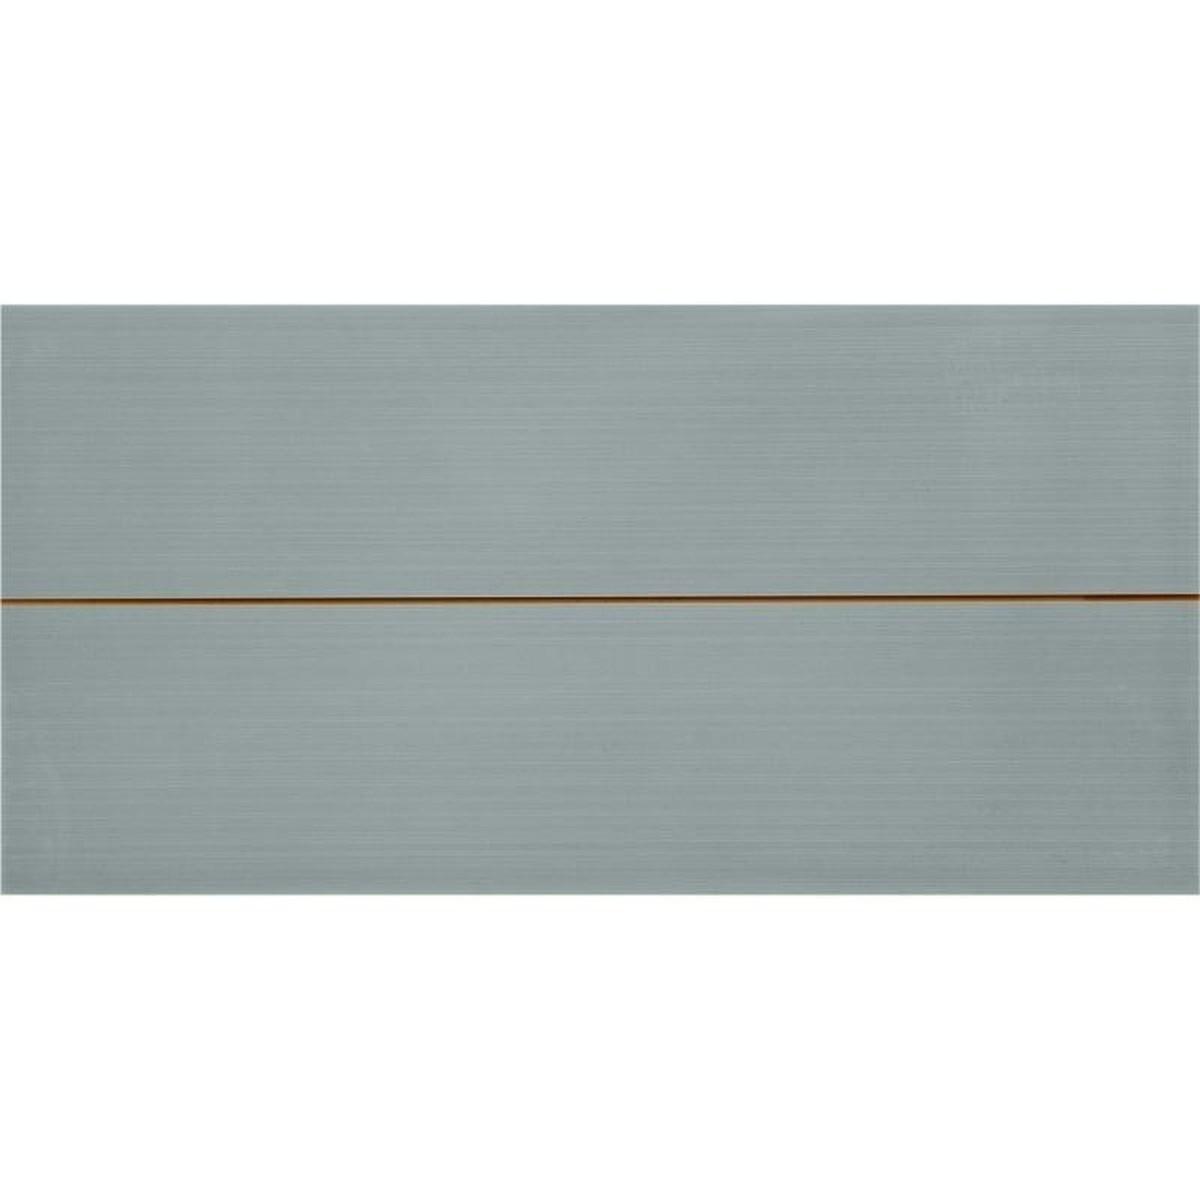 Декор «Фрэска 2» 20х40 см цвет серый